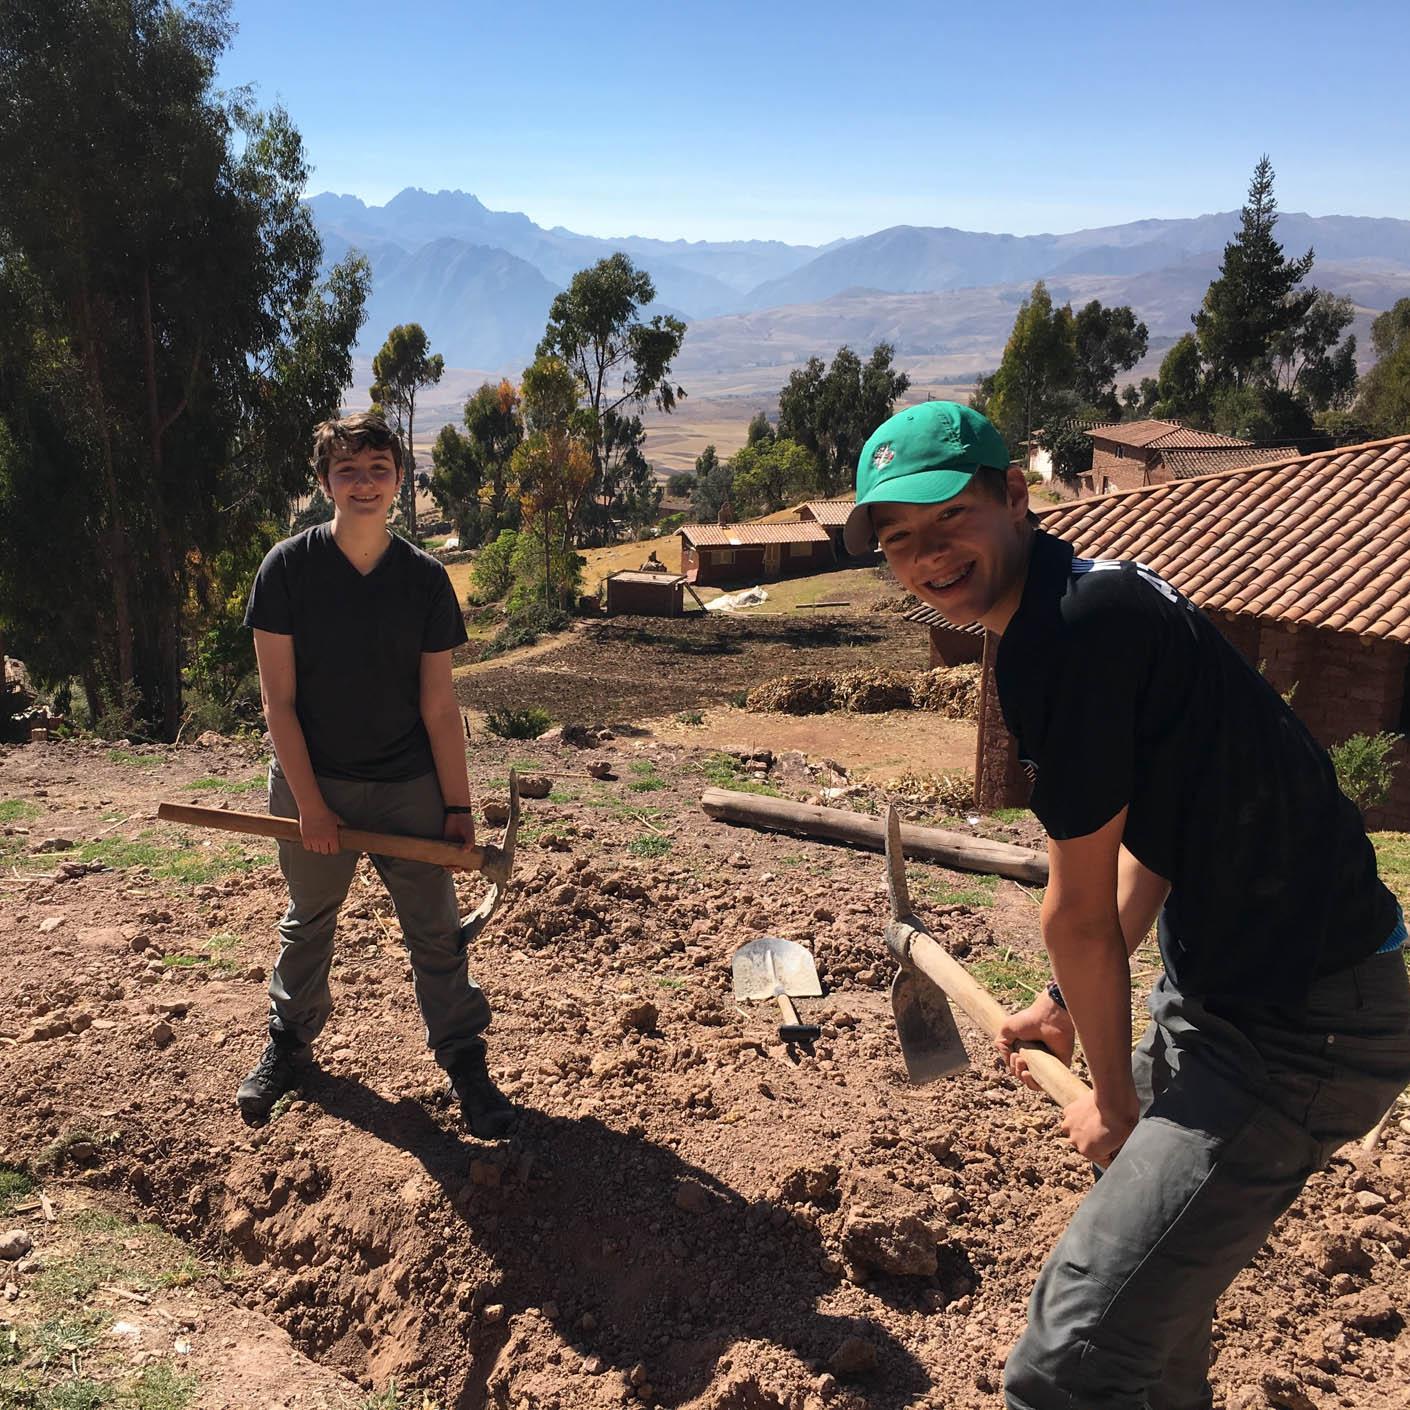 Peru Service community service